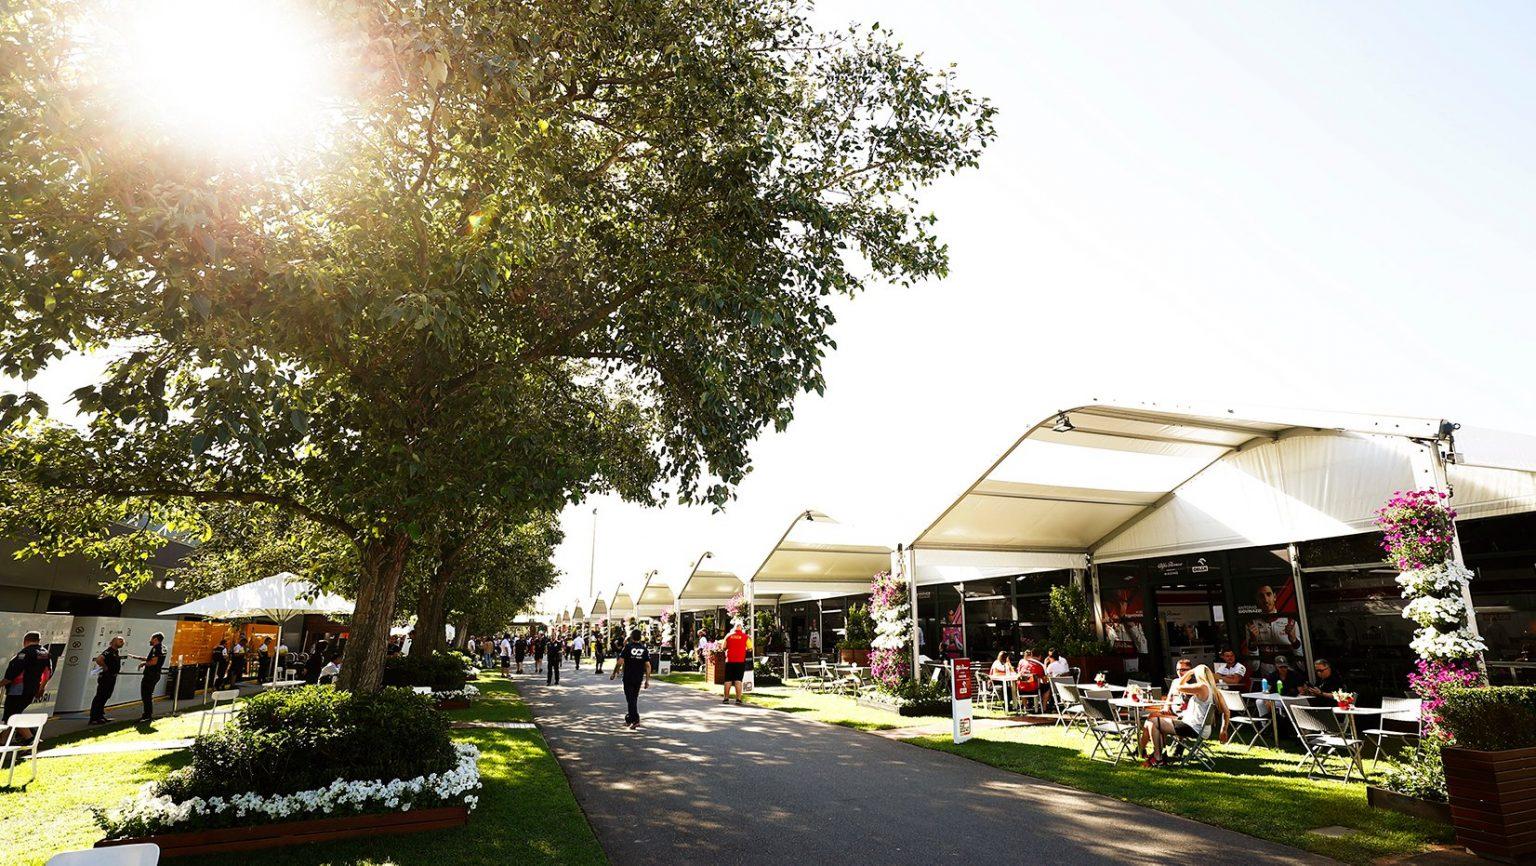 F1 - Melbourne veut reprendre sa place en ouverture de saison dès 2022